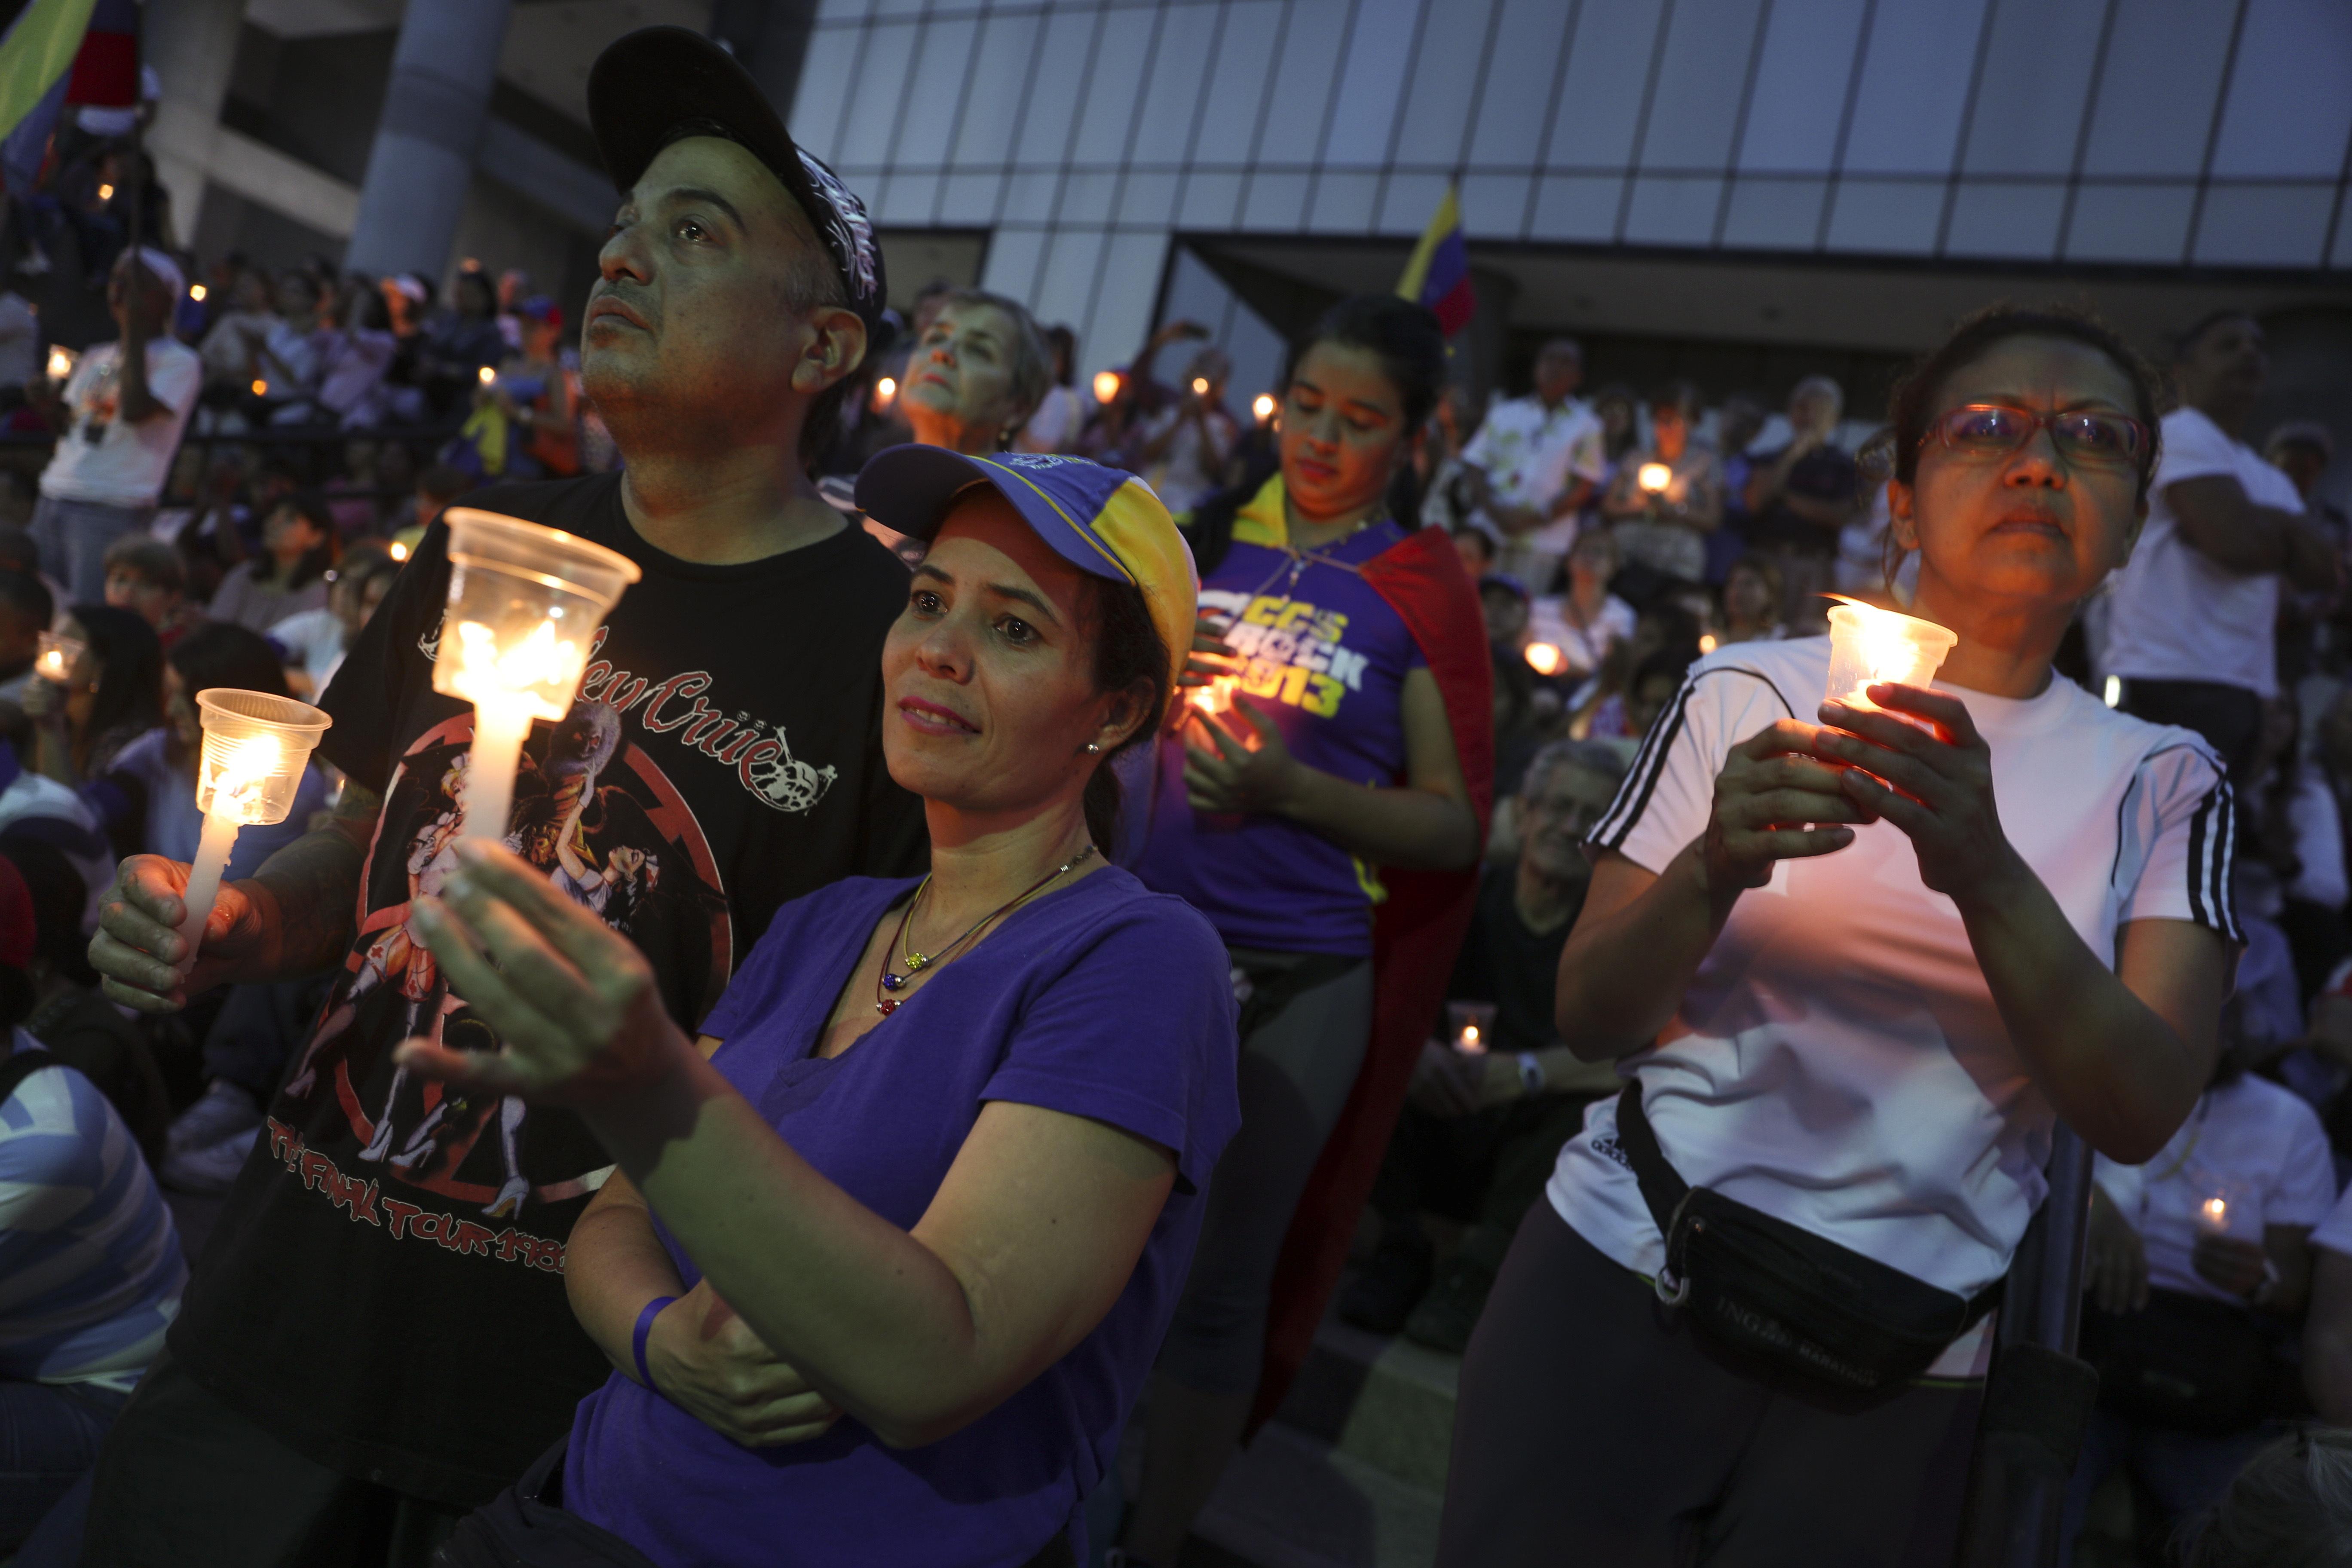 Opositores al Gobierno del presidente Nicolás Maduro sostienen velas durante una vigilia por aquellos que fallecieron en enfrentamientos la semana pasada en Caracas, Venezuela, el domingo 5 de mayo de 2019 (AP Photo/ Martin Mejia)